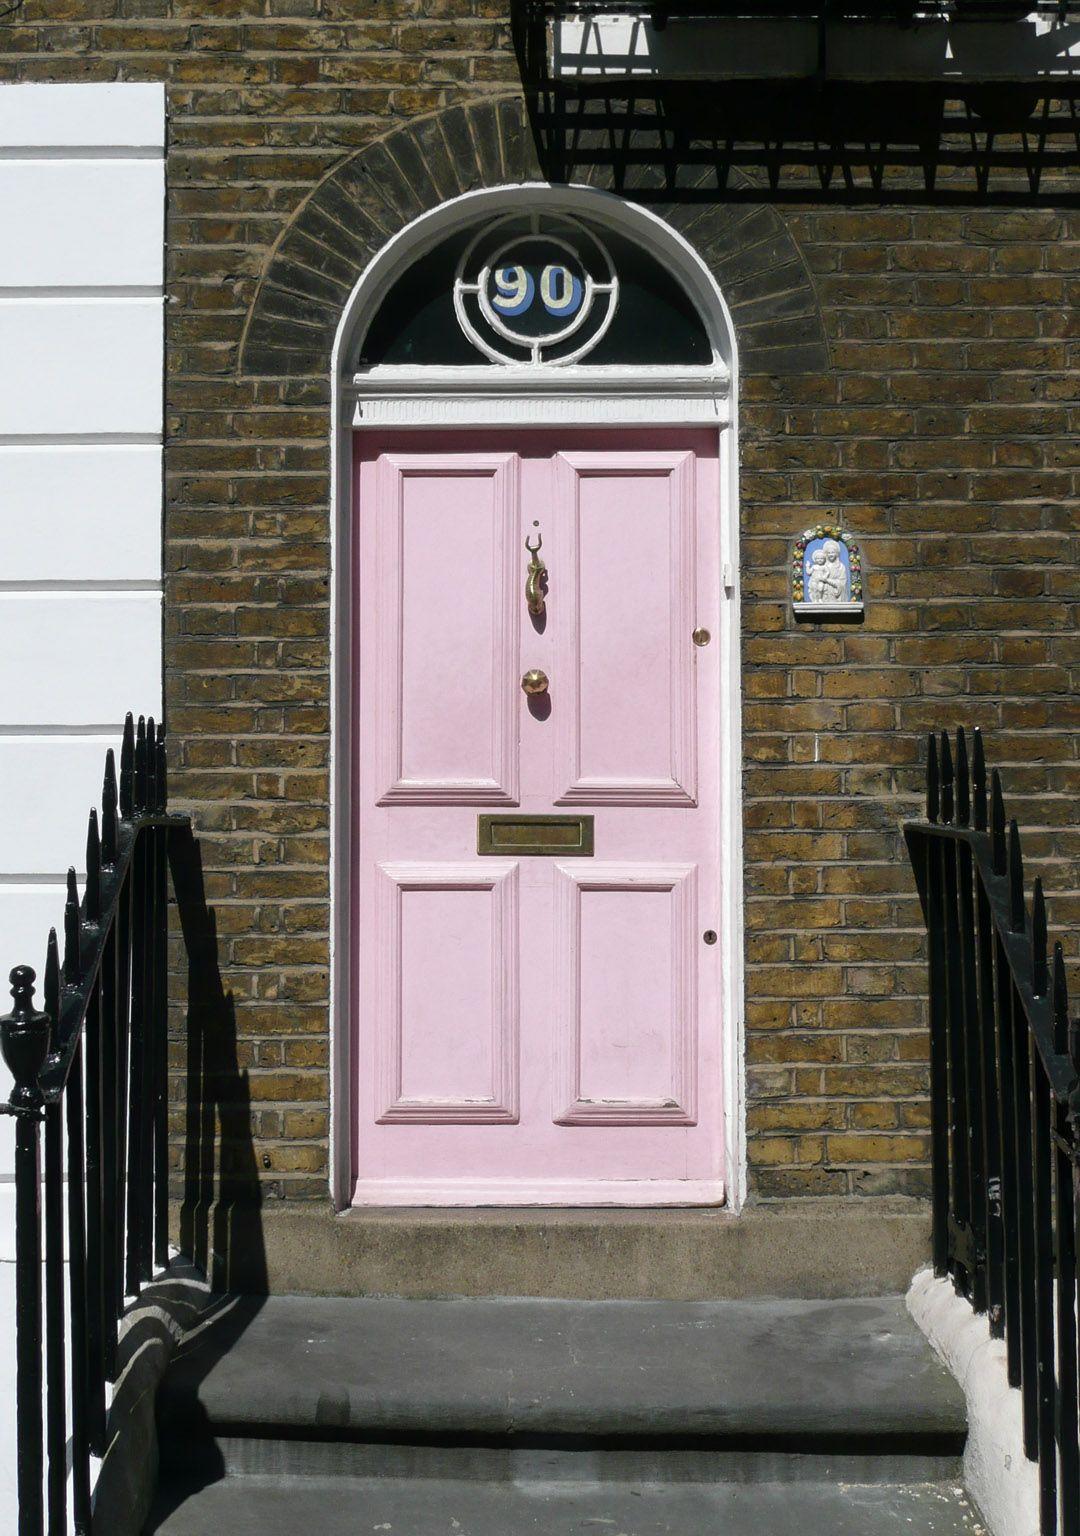 House number in window above front door vinyl decal